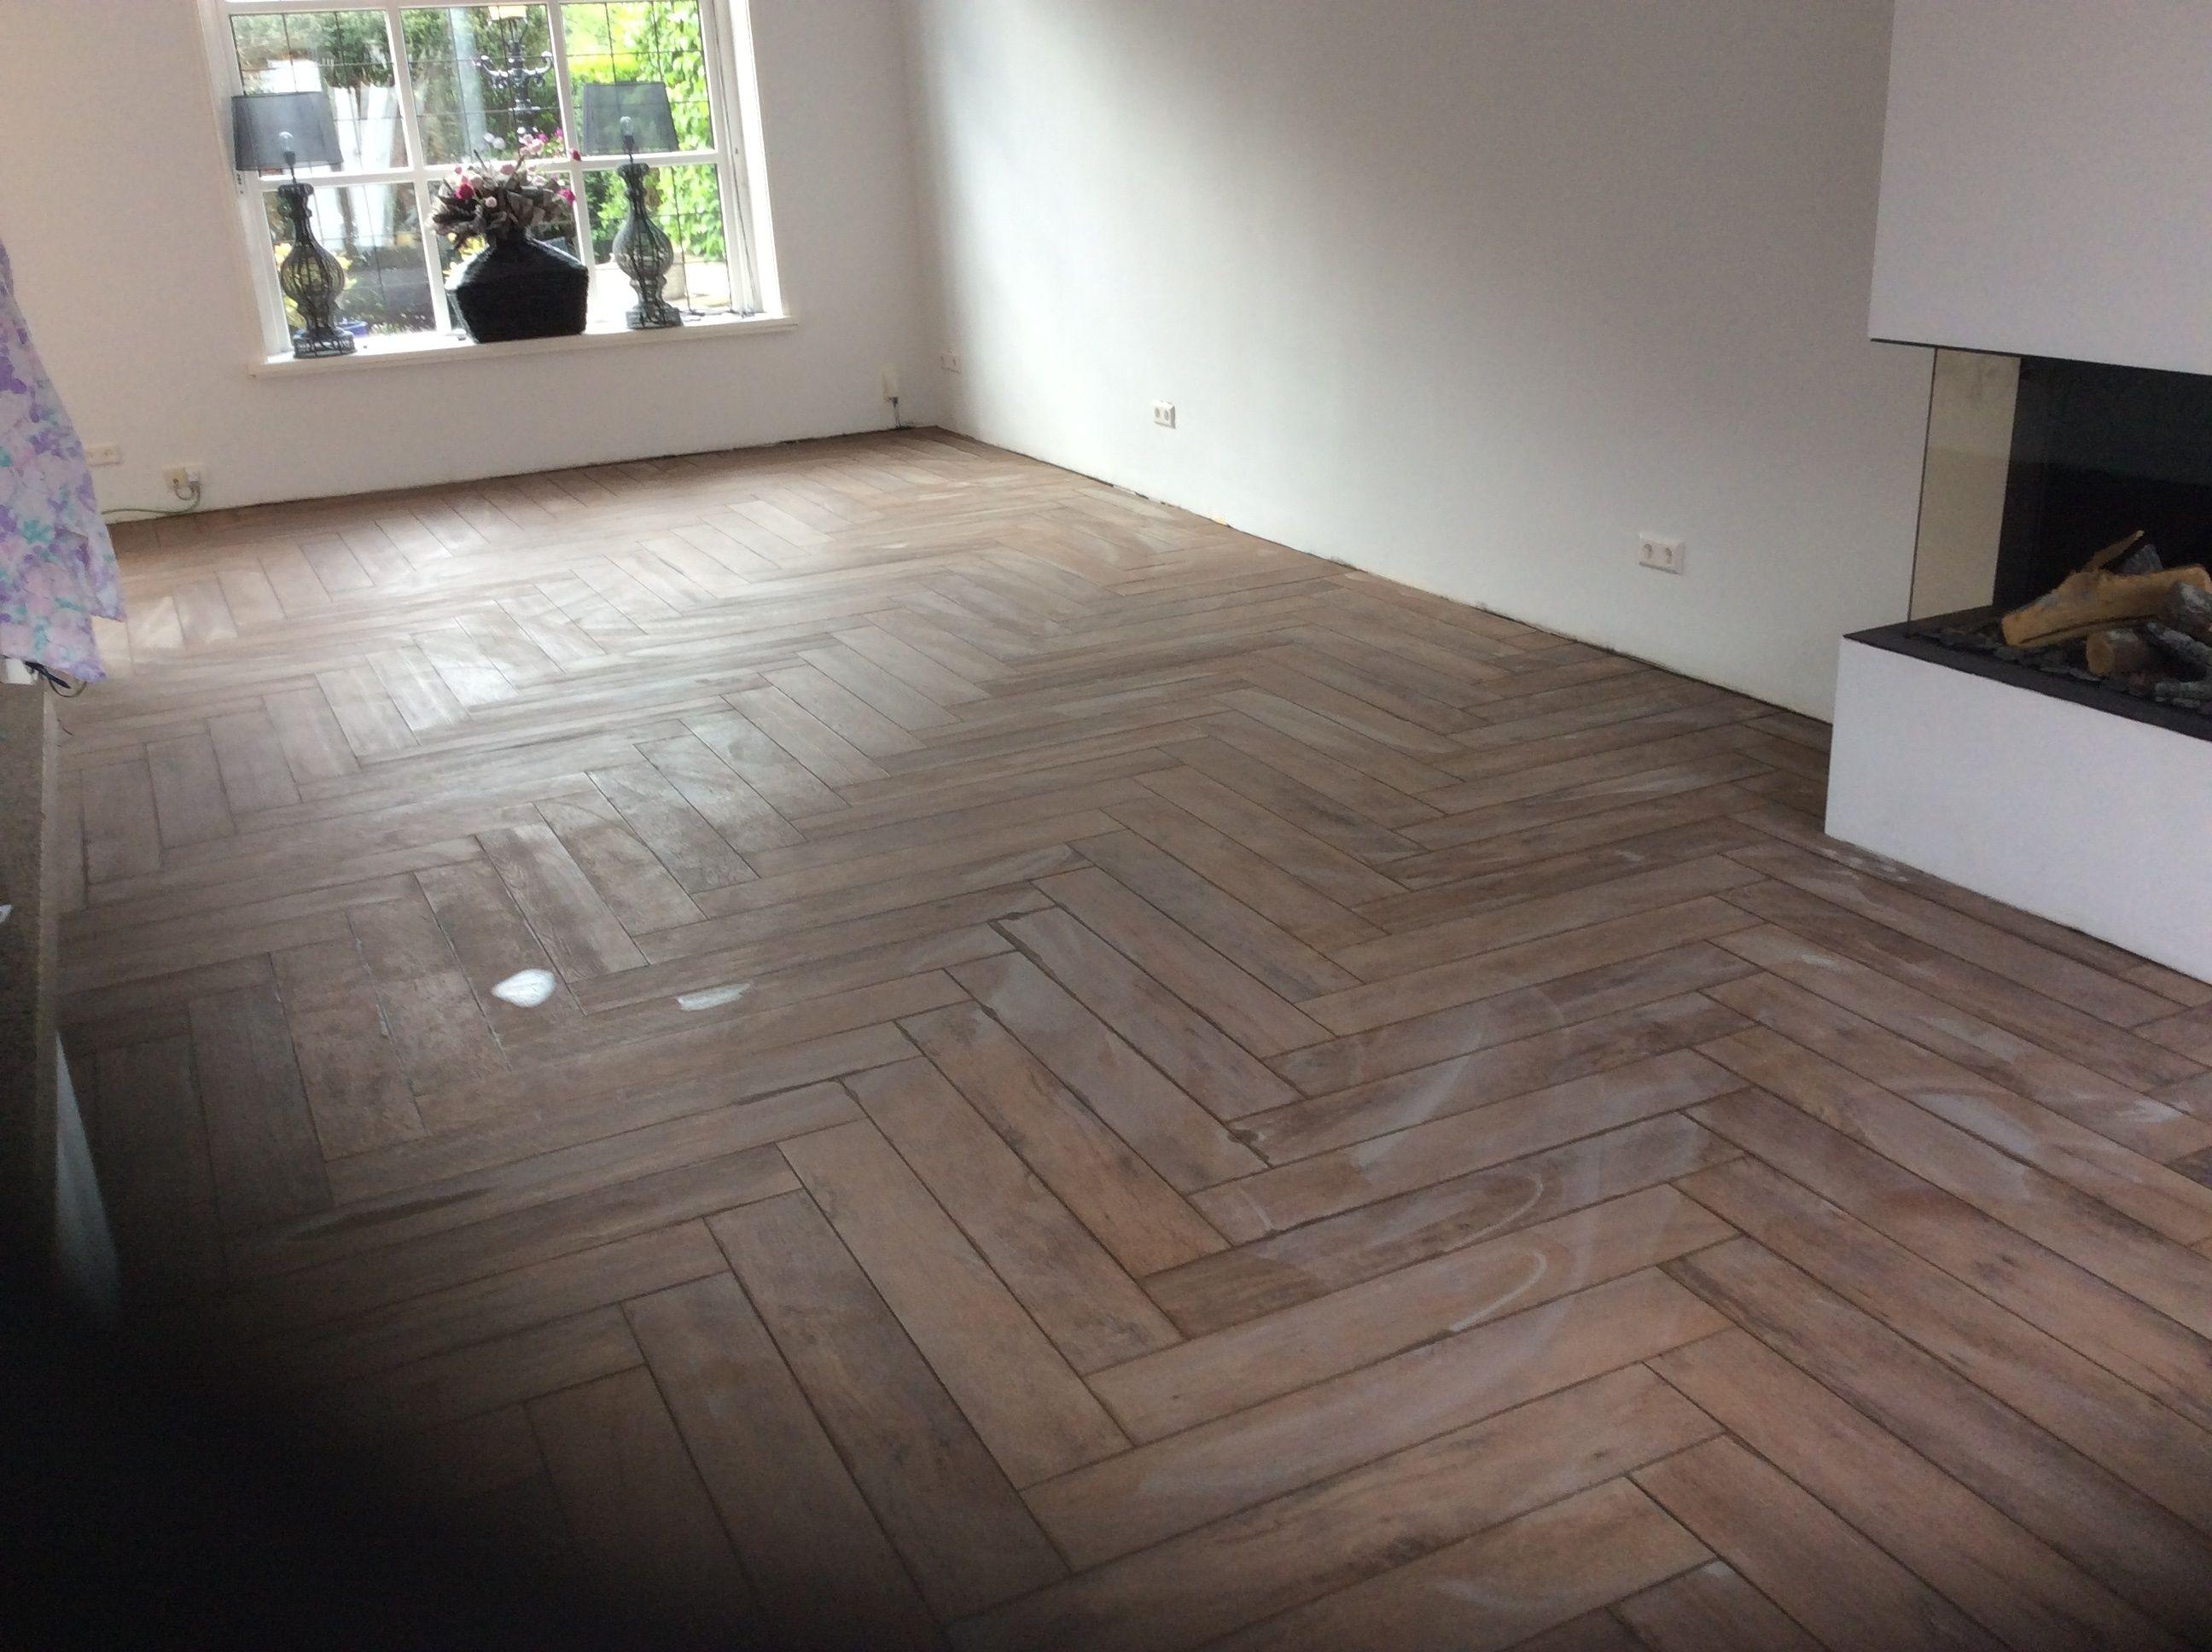 Atlas concorde axi visgraat keramisch parket floors pinterest